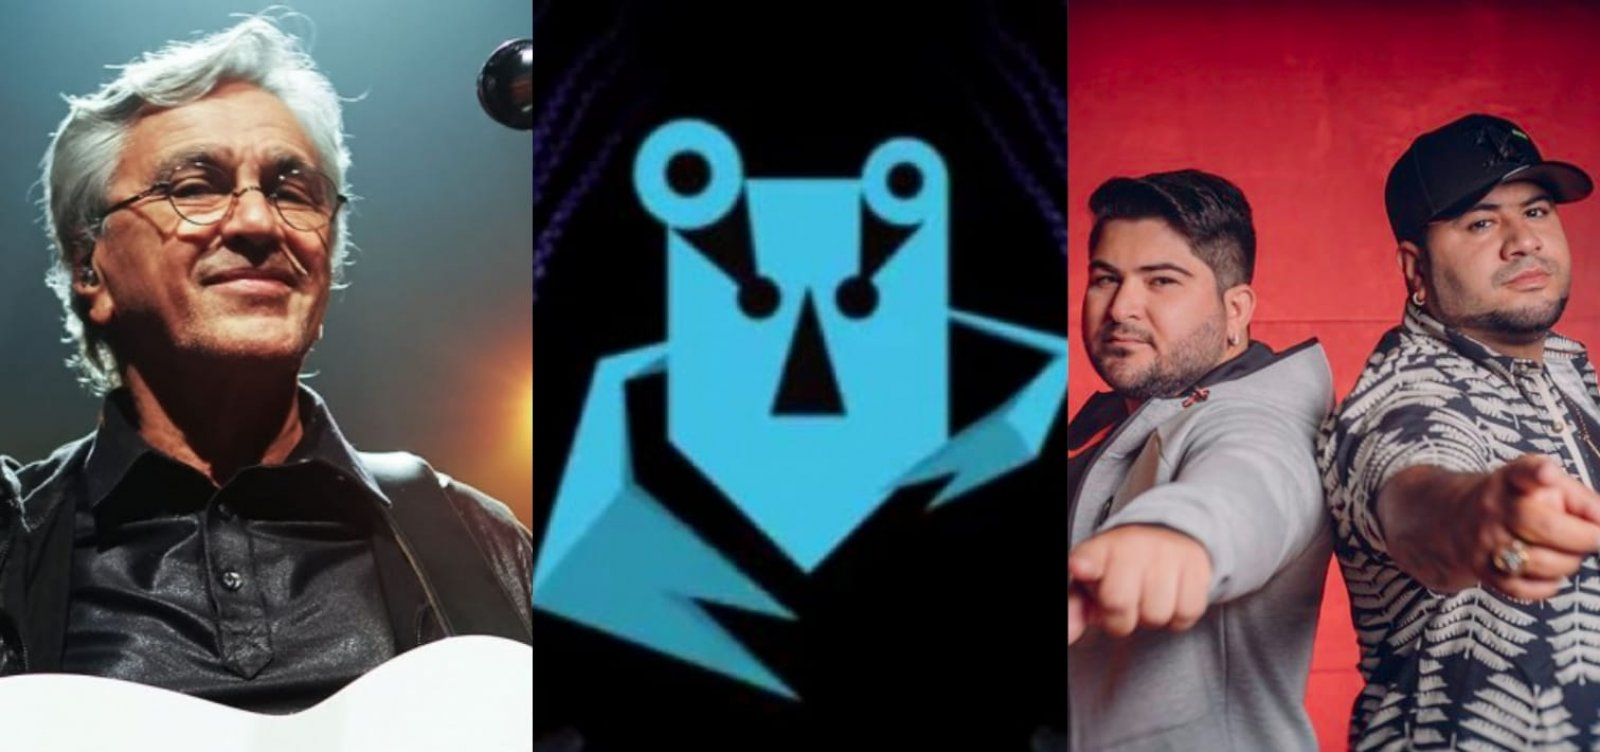 Caetano, Ivete, Luiz Caldas, BaianaSystem e Barões da Pisadinha são indicados ao Grammy Latino